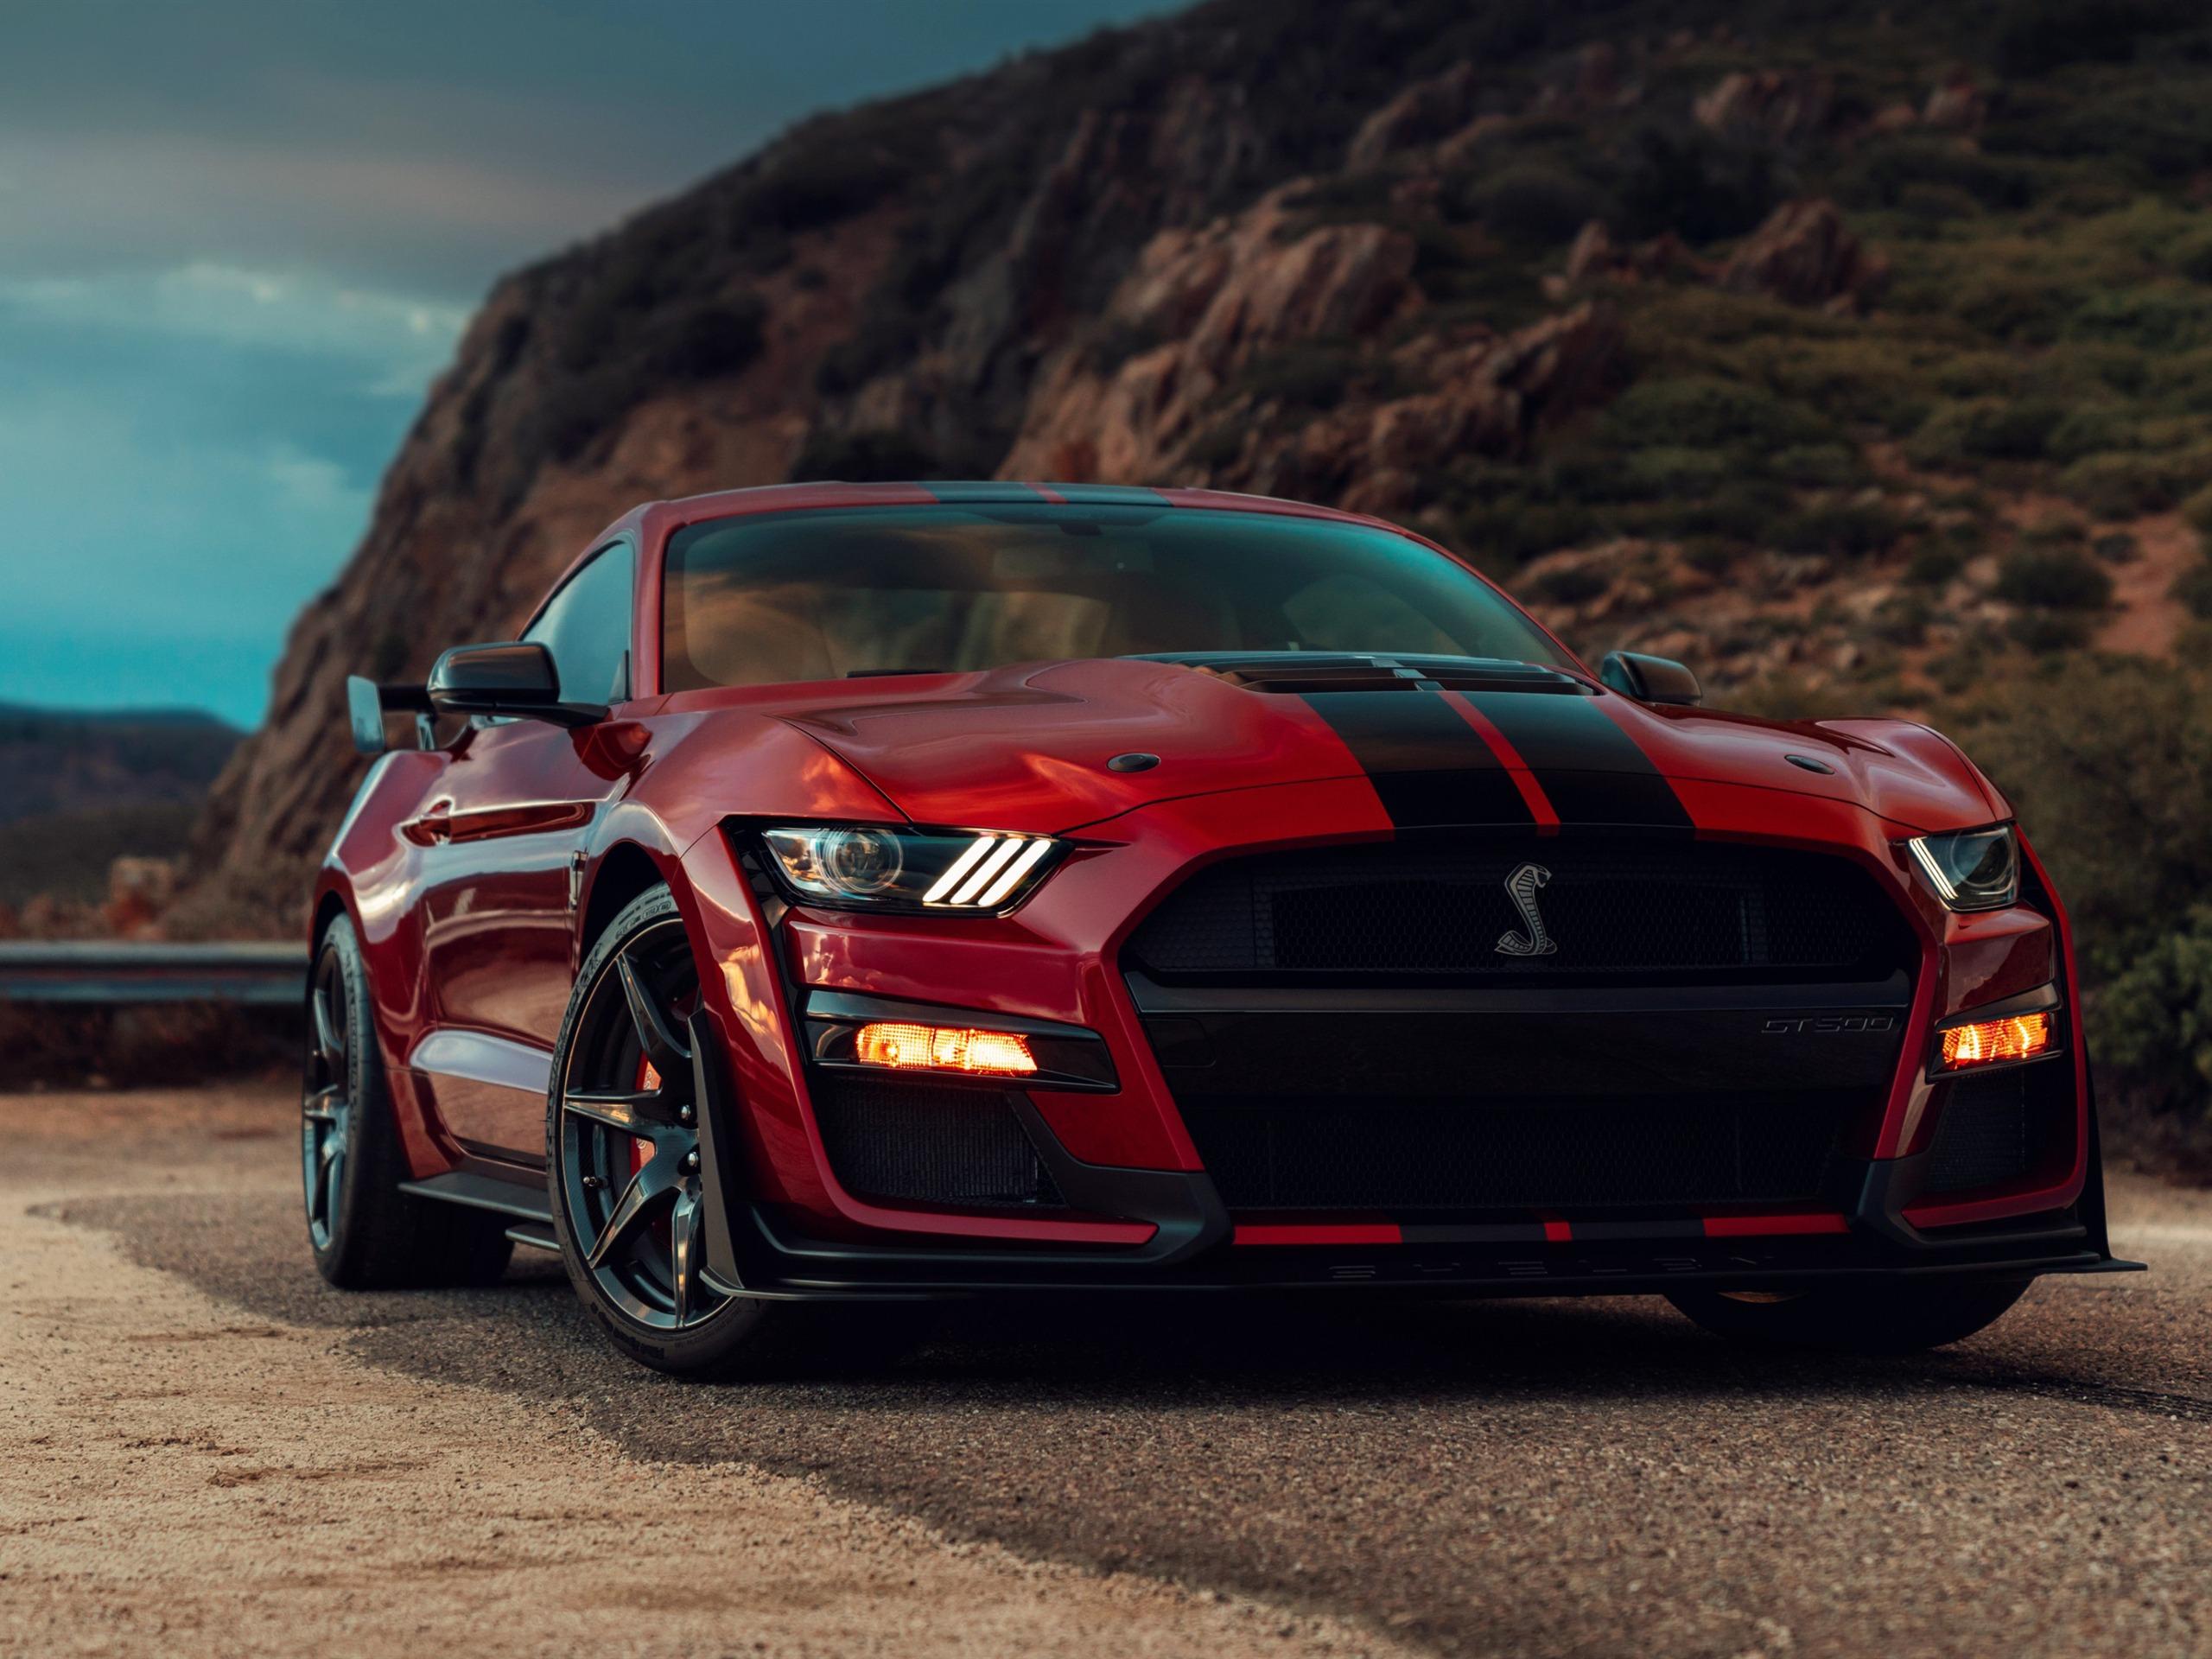 2019,福特,野马,谢尔比,GT500,超级跑车预览 | 10wallpaper.com